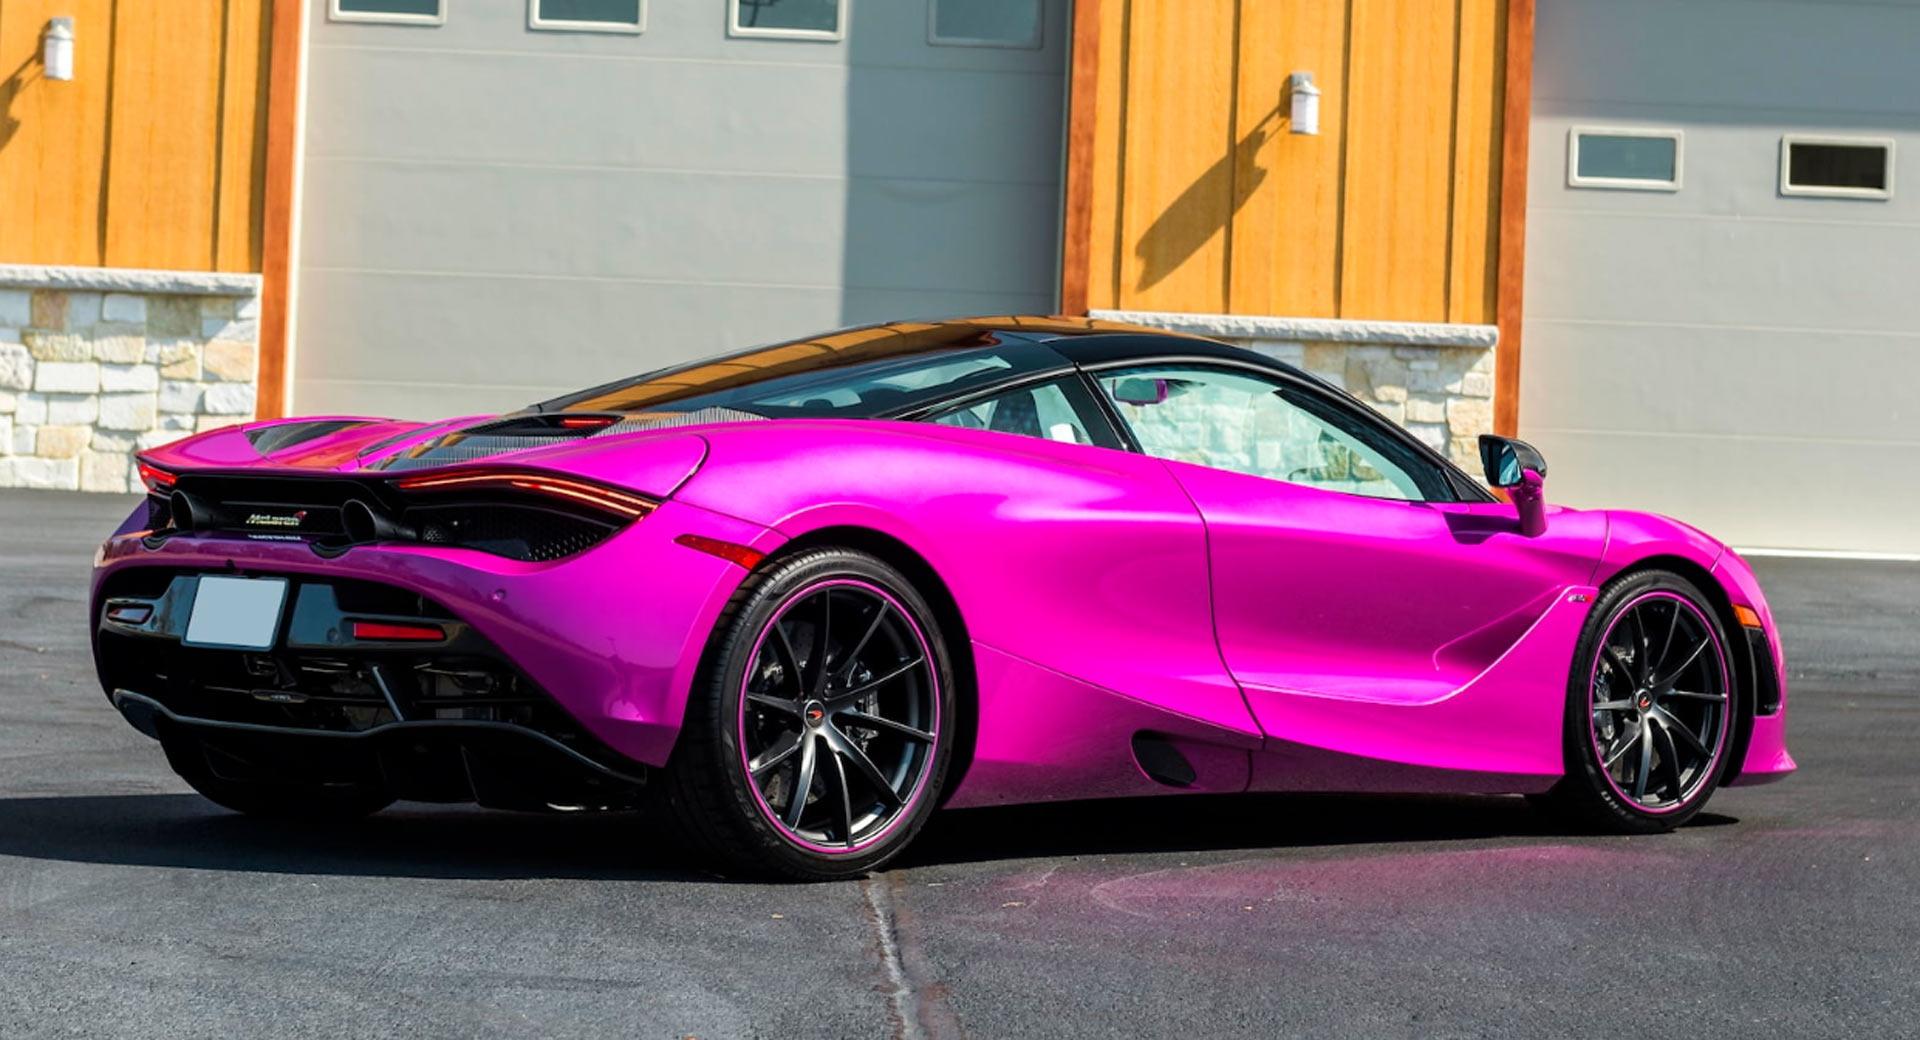 Michael-Fux-cars-auction-McLaren-720S-3